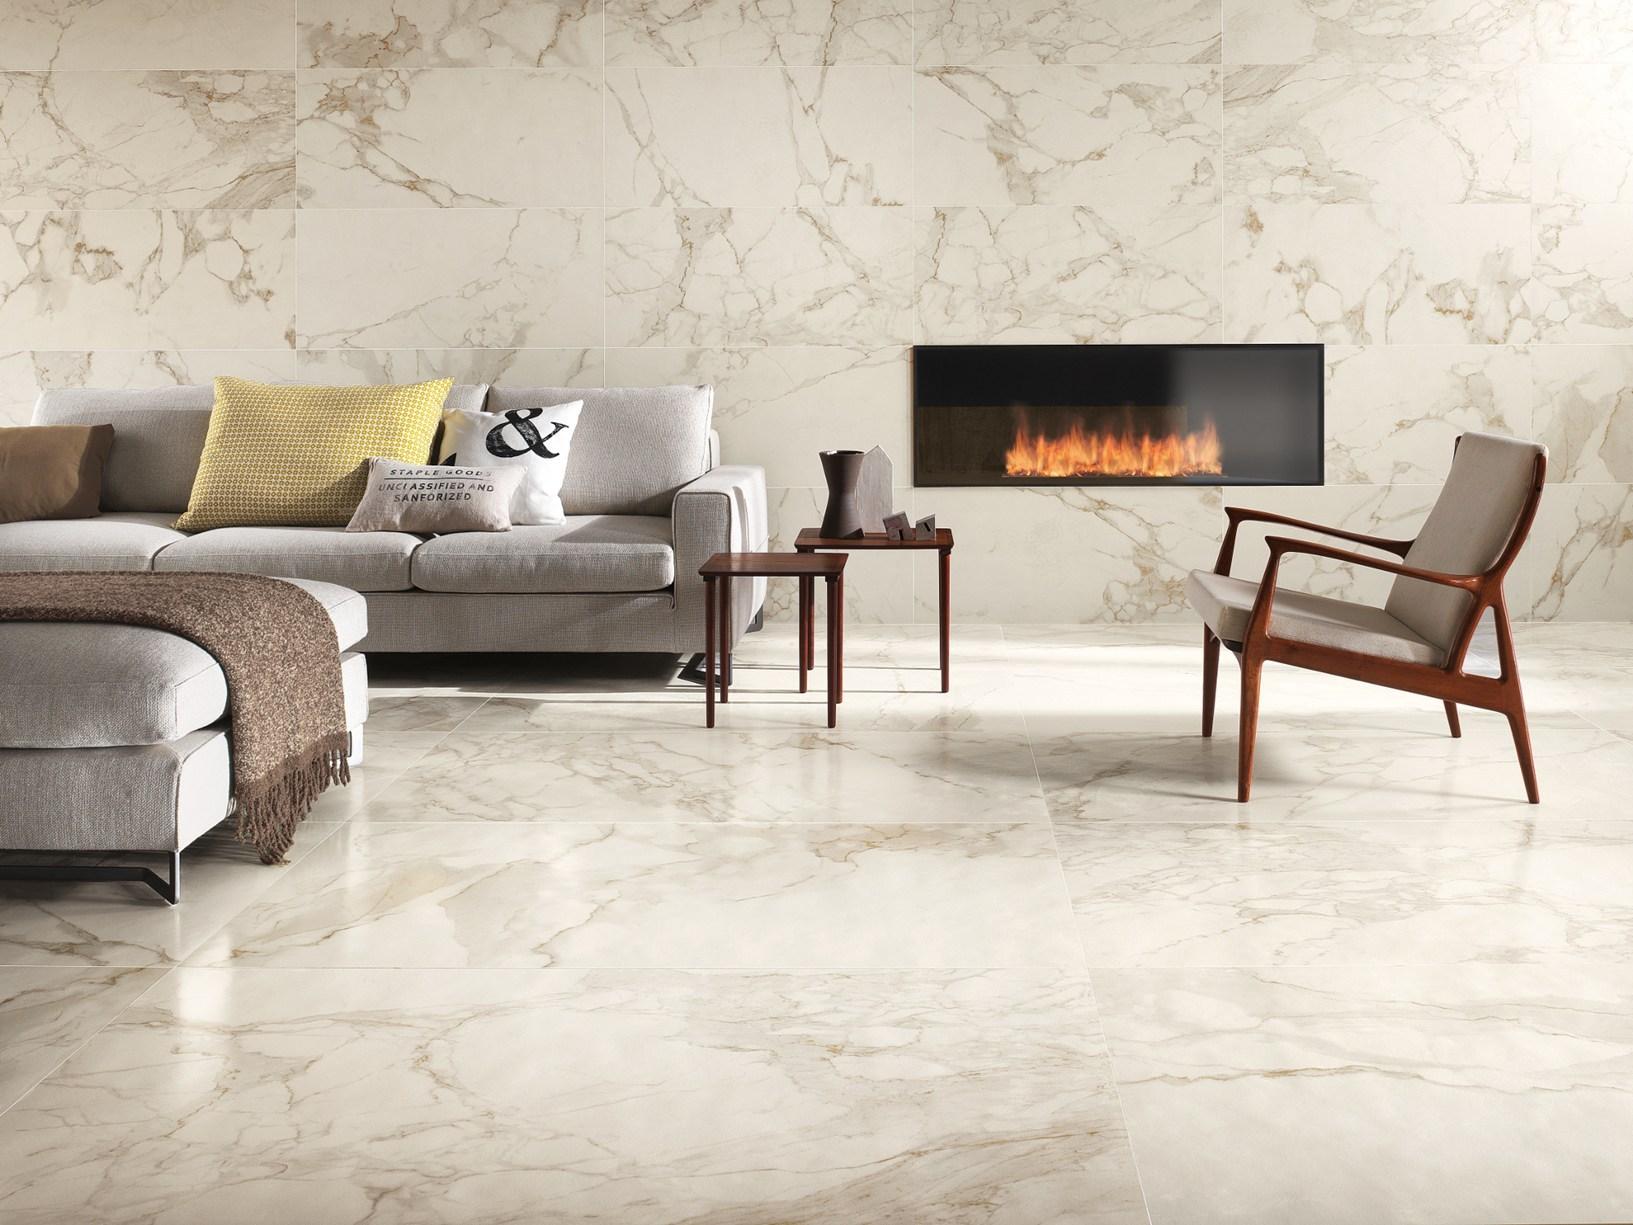 Gres porcellanato effetto marmo - Piastrelle gres porcellanato effetto marmo ...